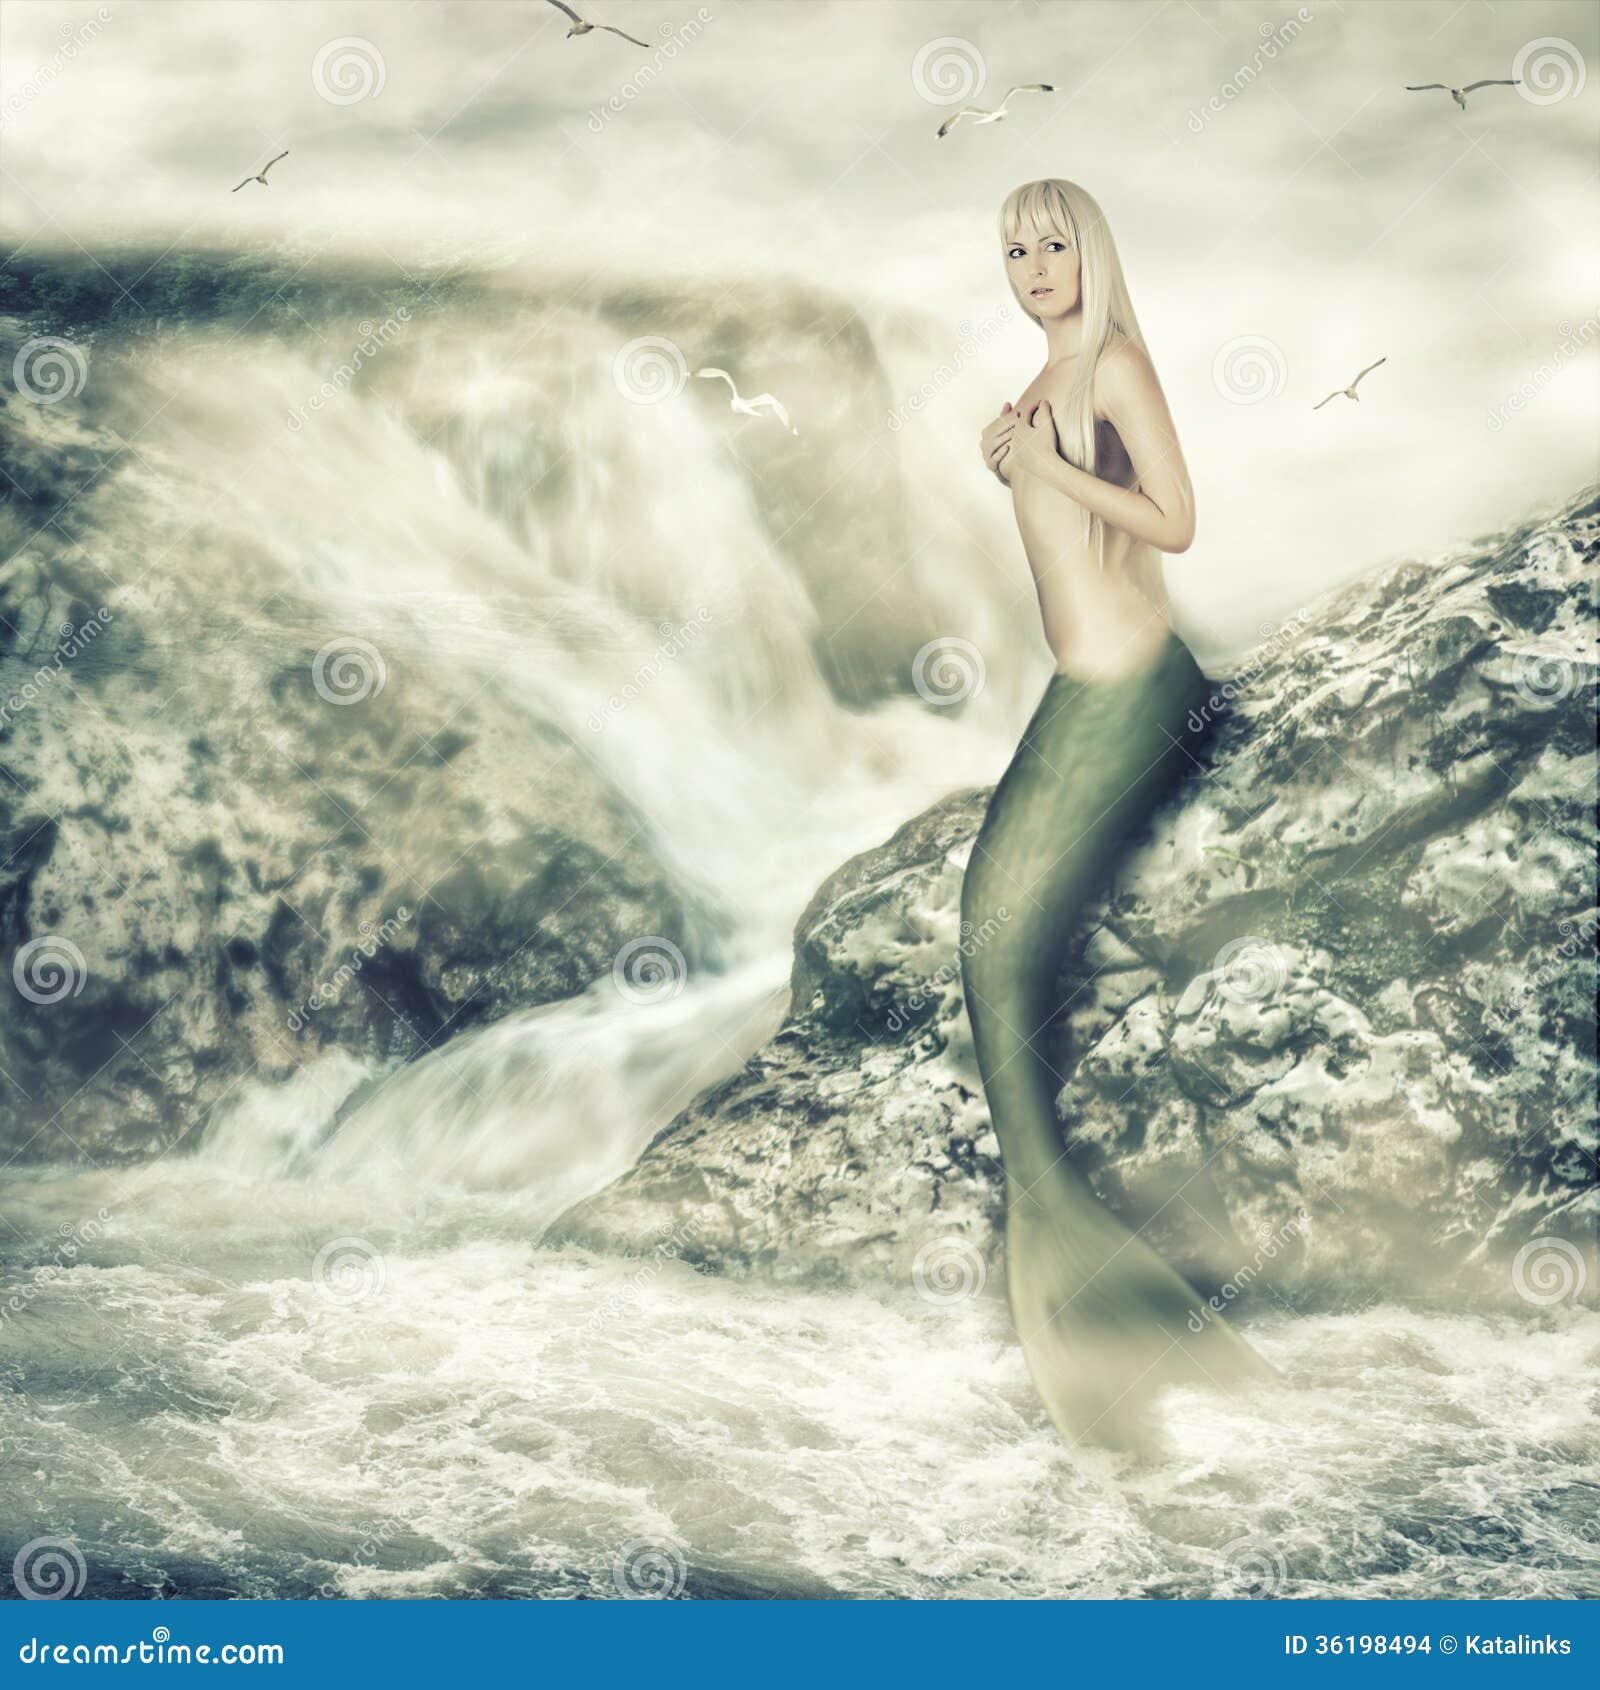 Fantasy World. Beauty ... Fantasy Mermaids On Rocks